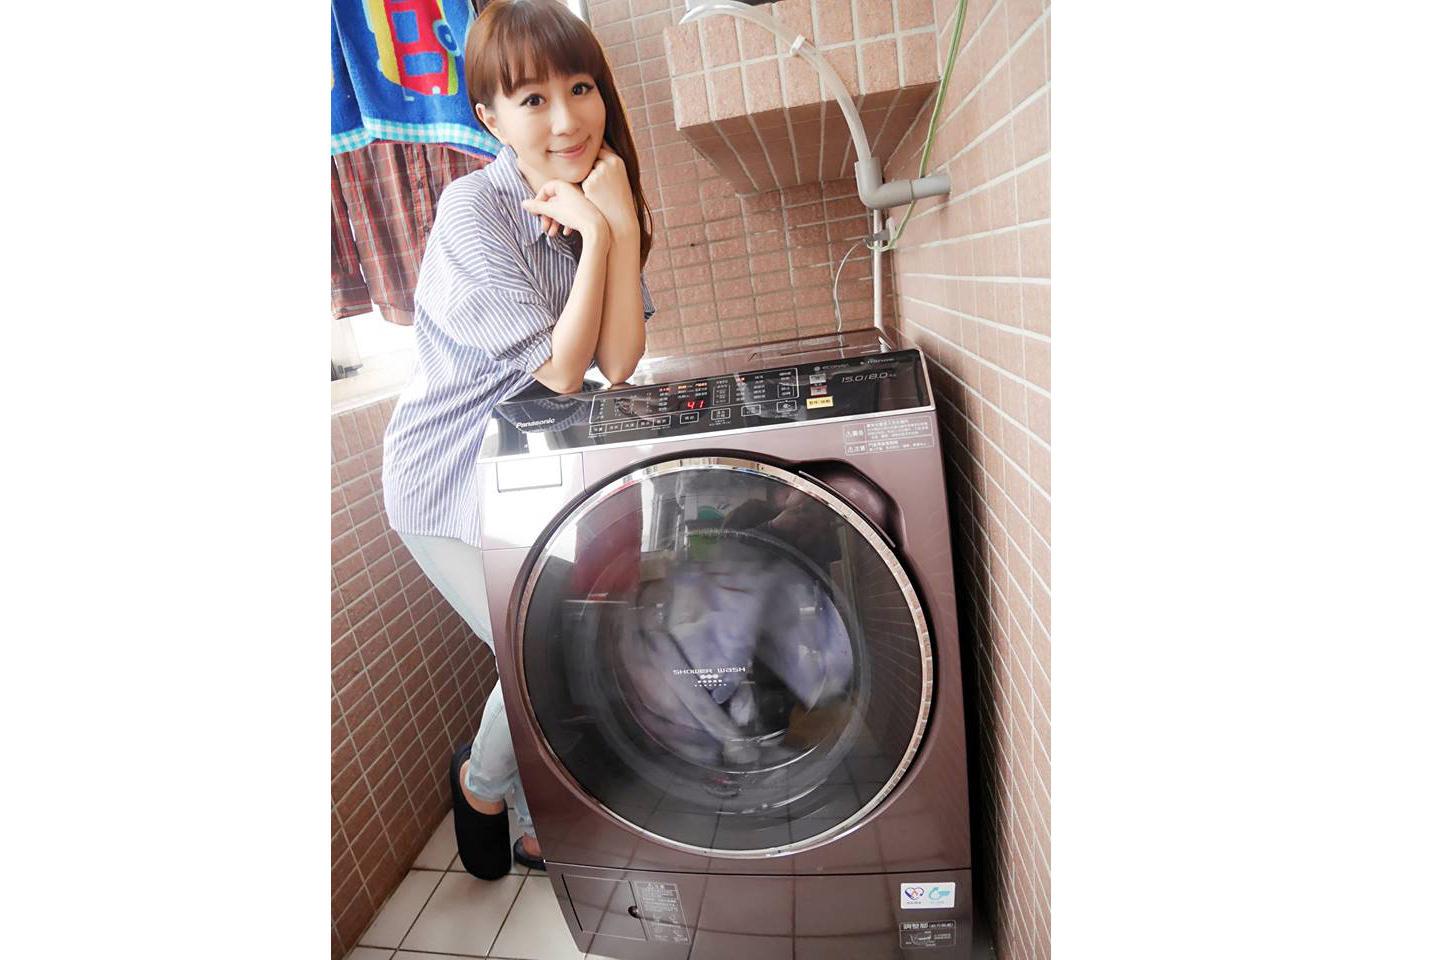 忙碌媽咪的洗衣神器♥Panasonic  NA-V168BDH滾筒洗衣機♥比你還聰明的ECONAVI智慧節能科技(≧∀≦)